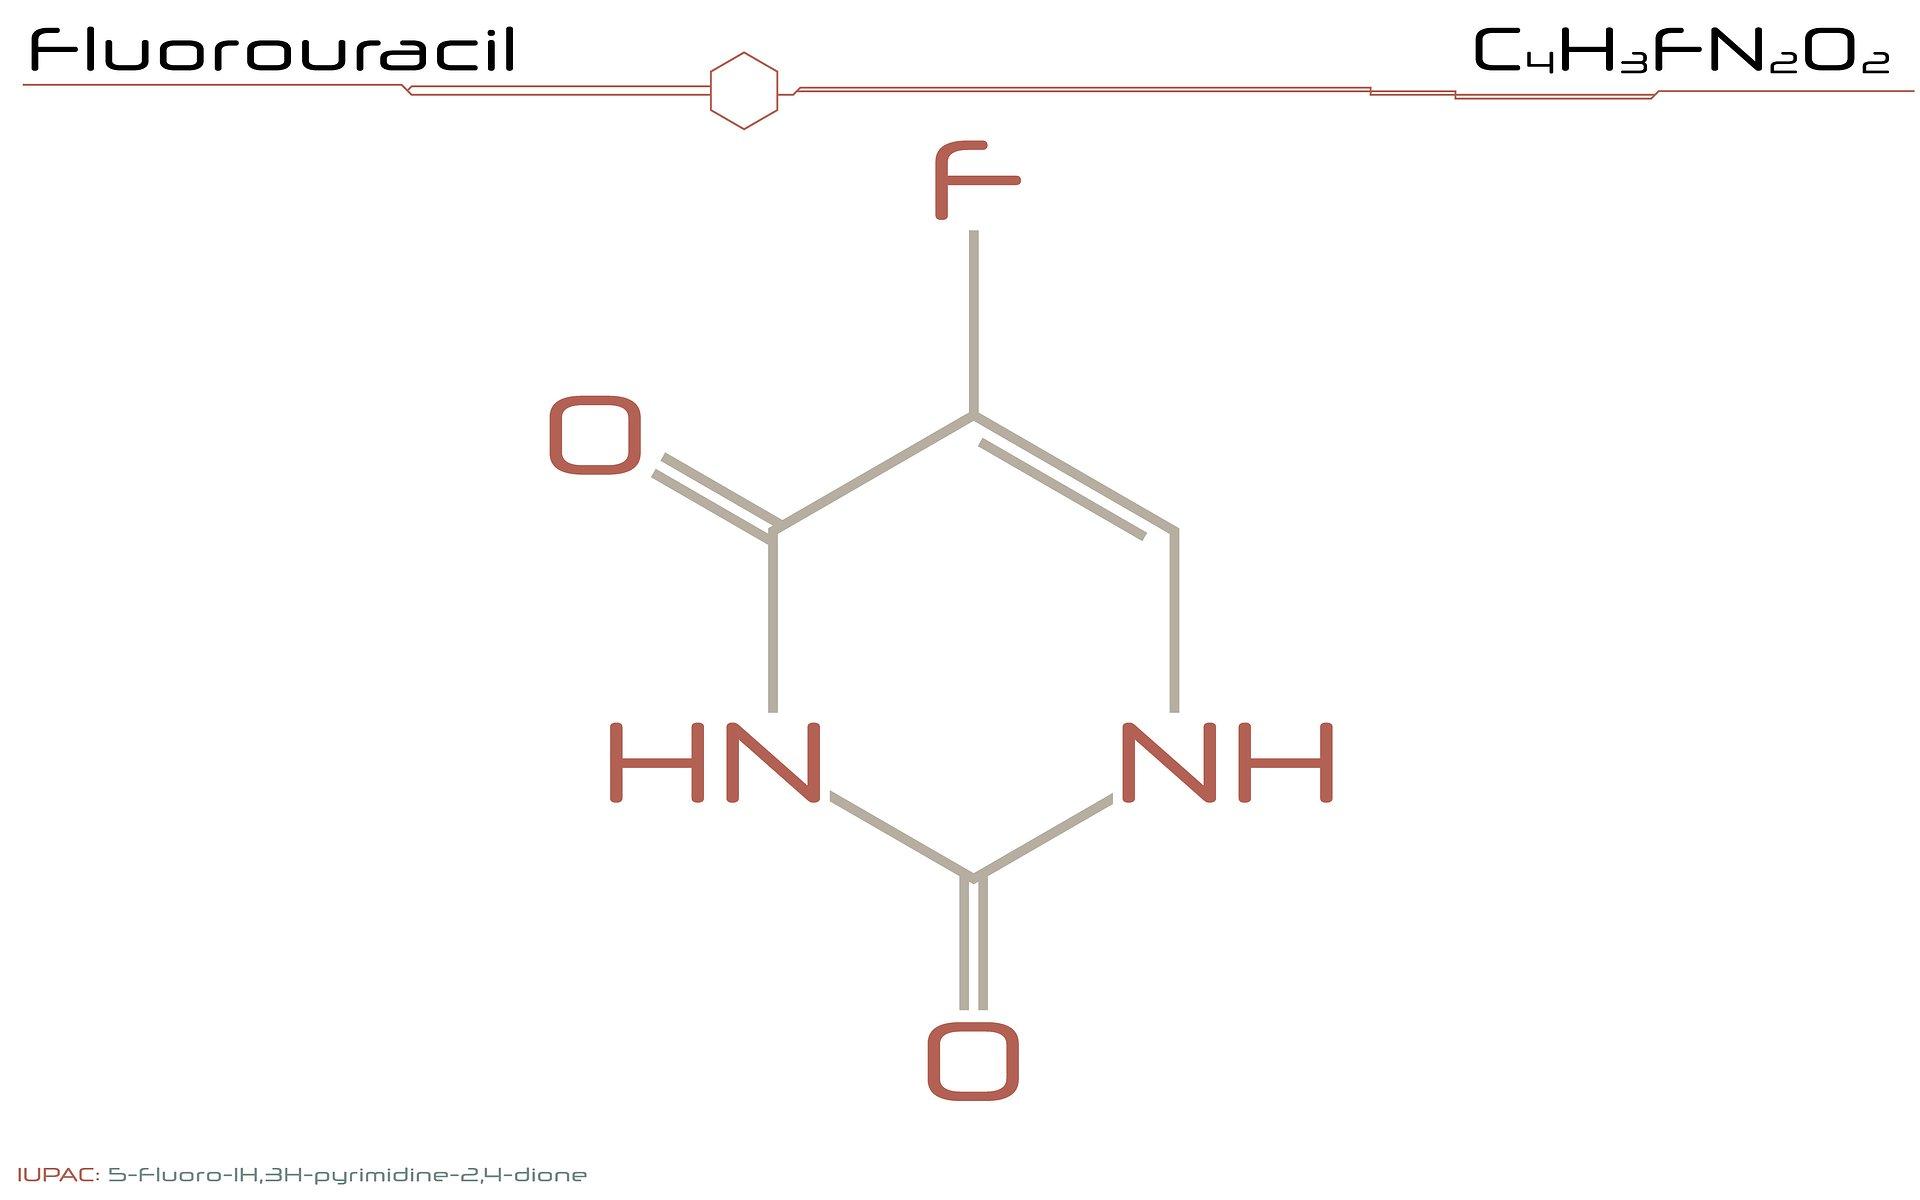 Aktywność DPD i zastosowanie fluorouracylu